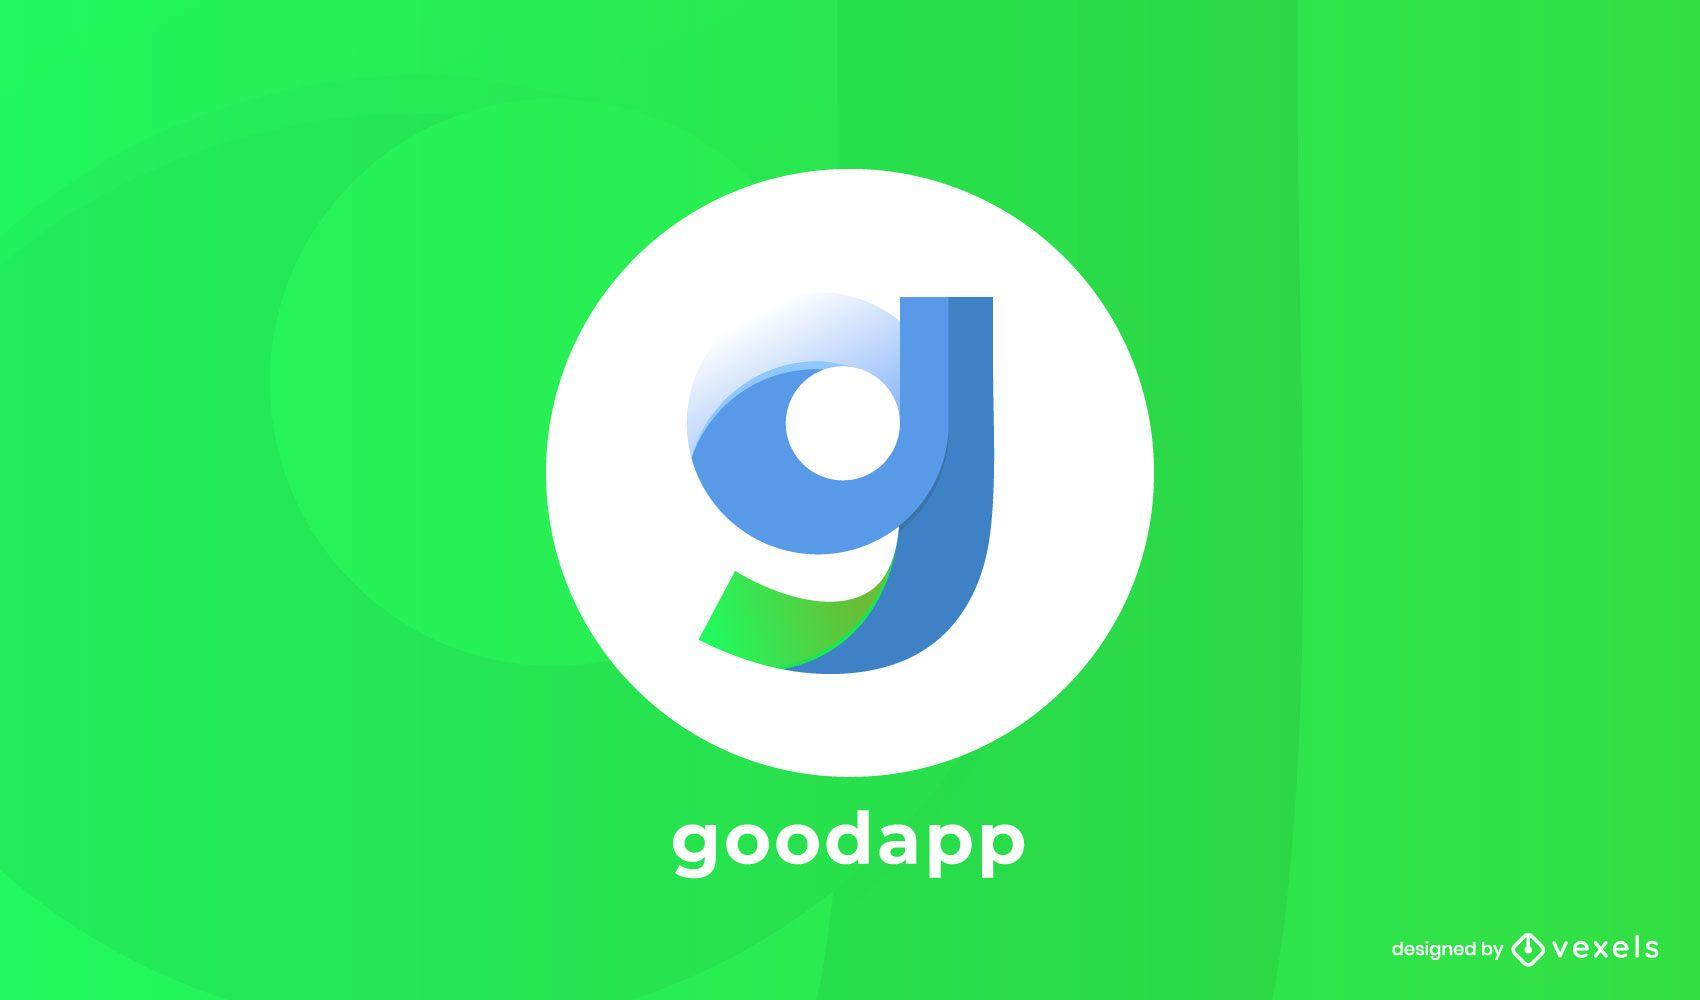 goodapp logo design